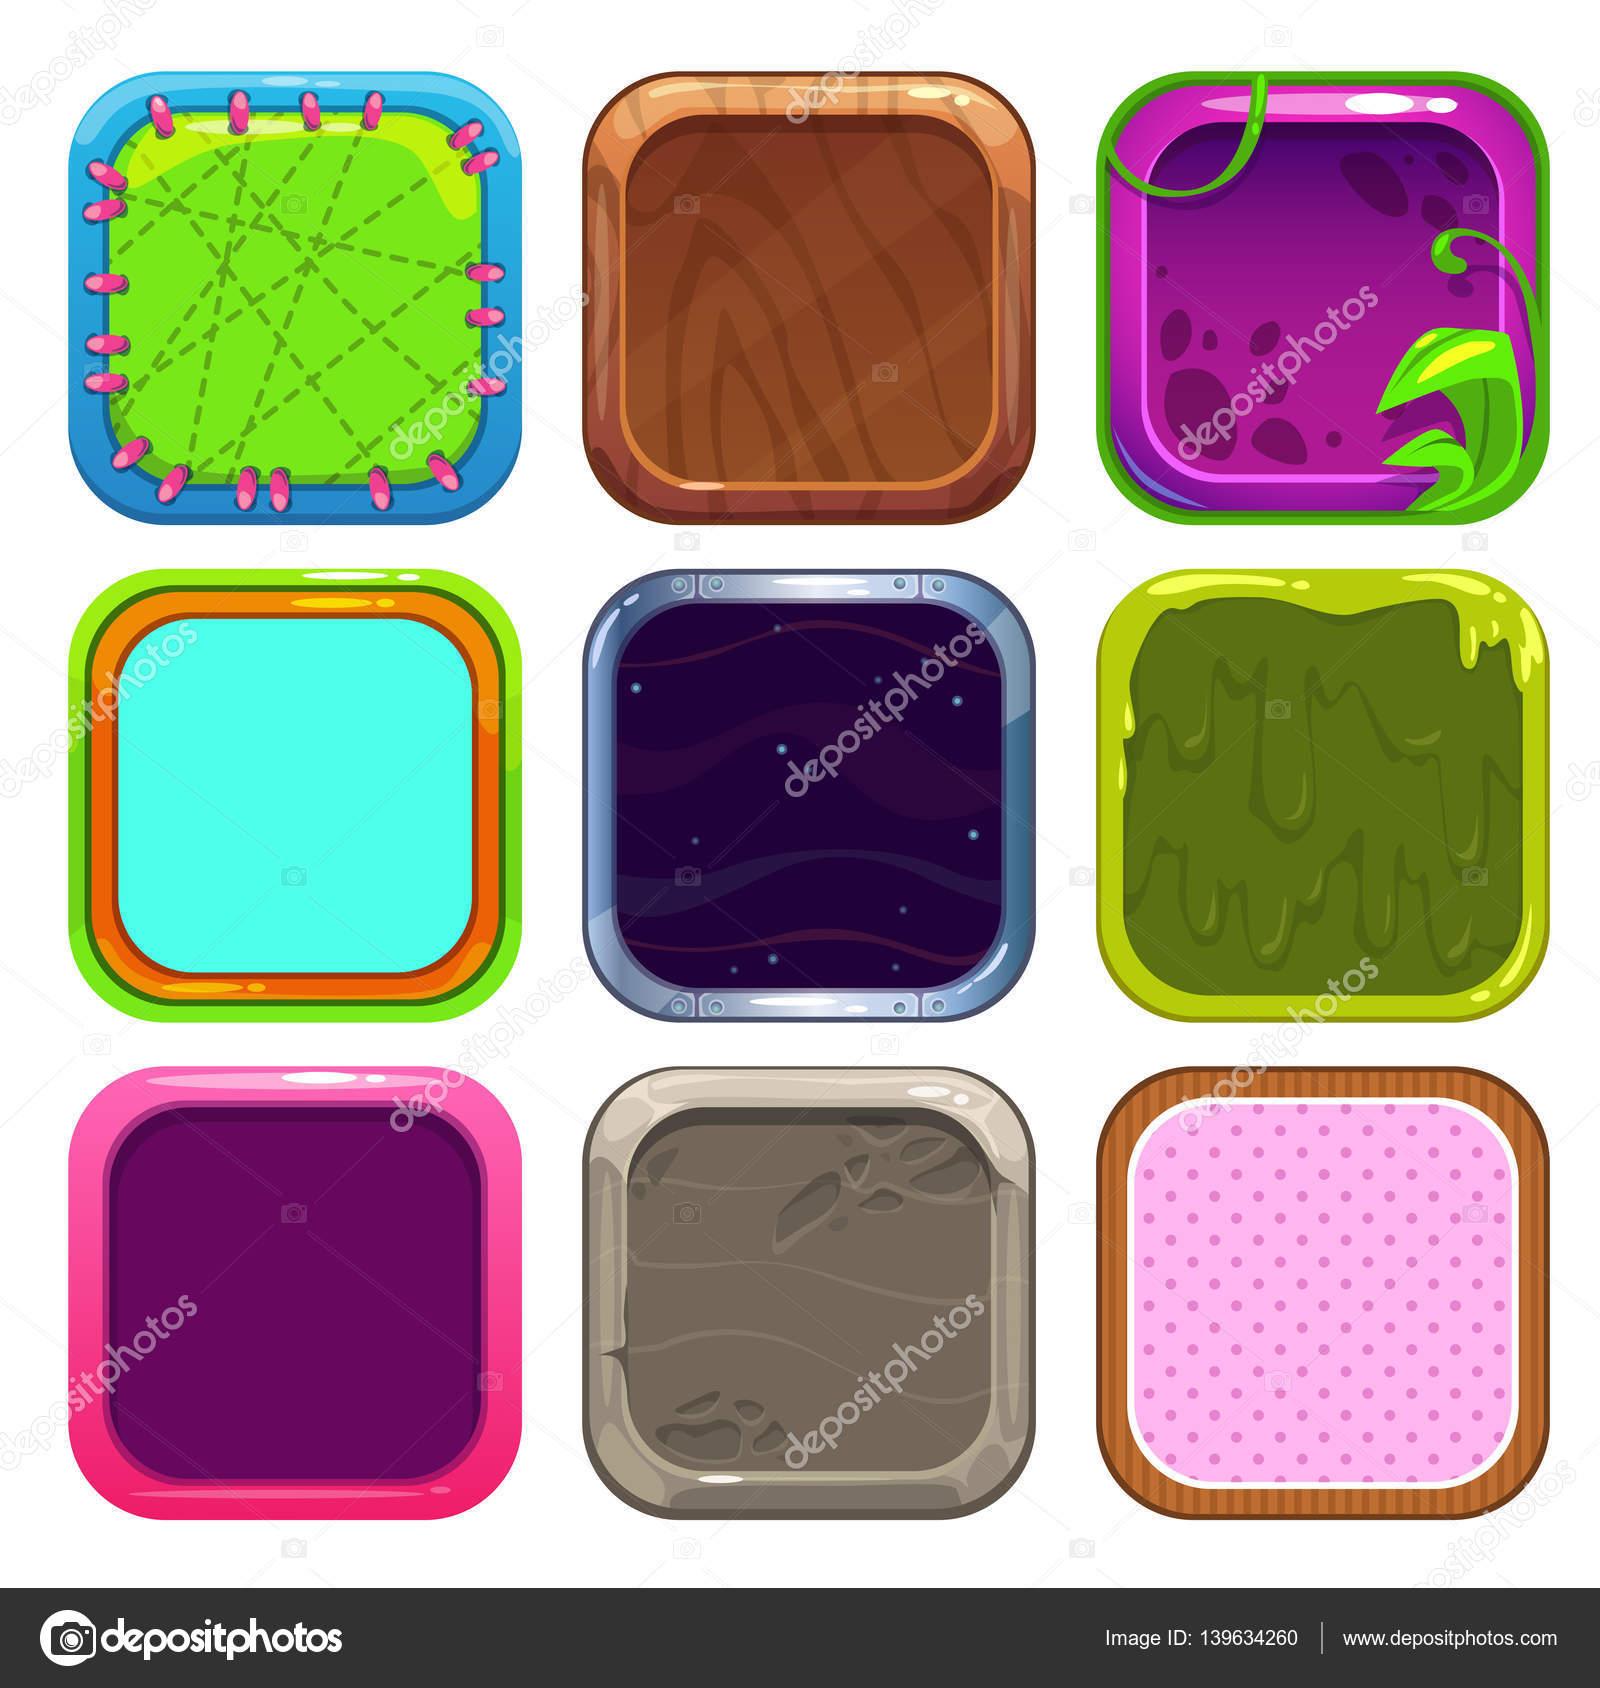 Marcos cuadrados divertidos dibujos animados para el diseño de los ...